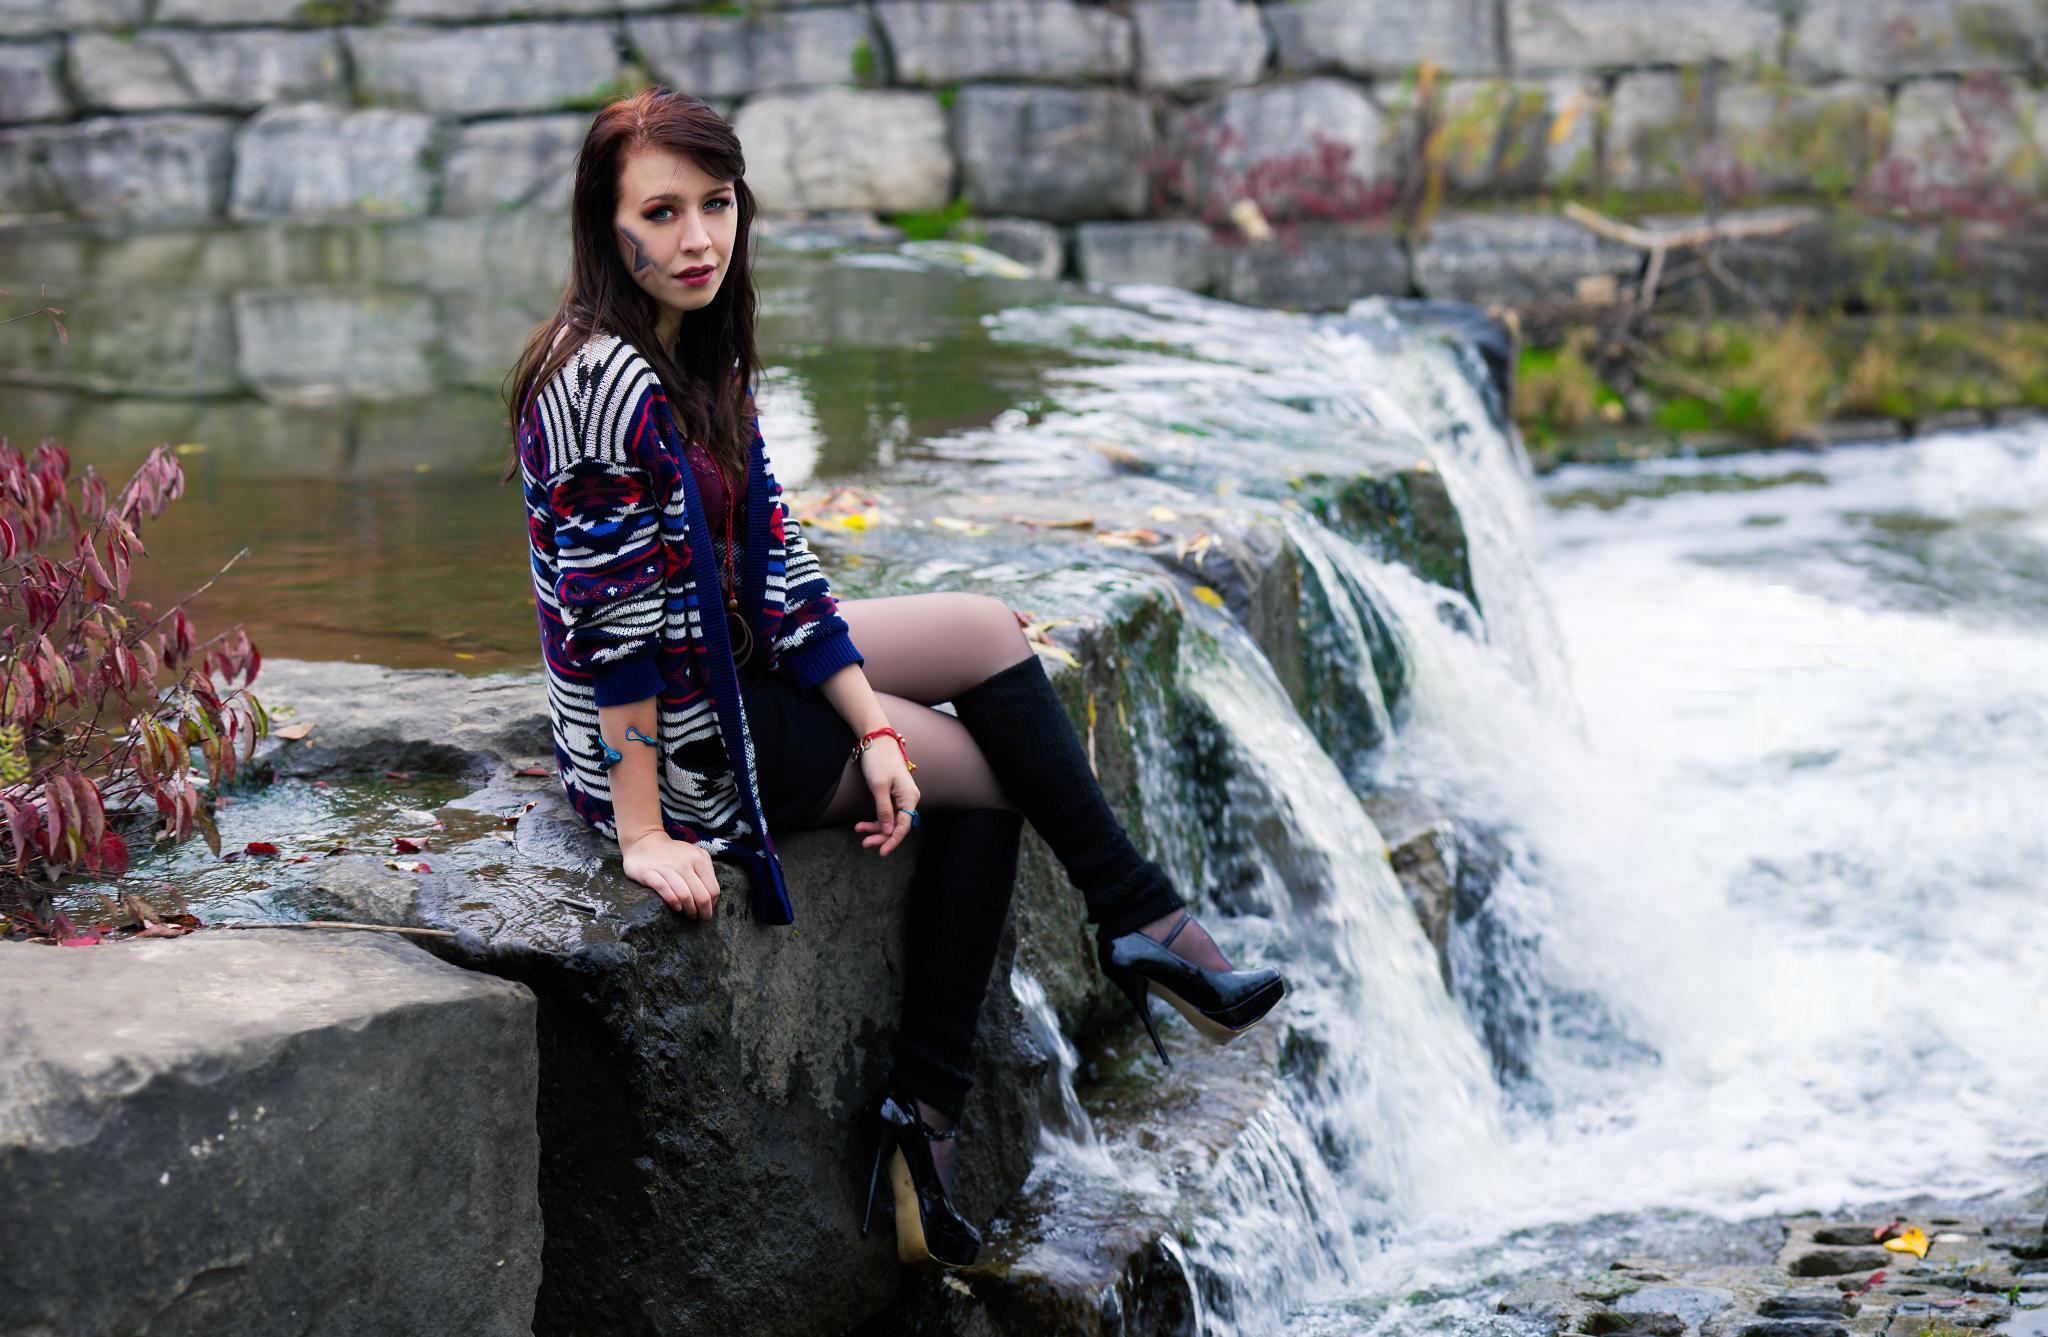 Fall 2014 Artistic Shoot